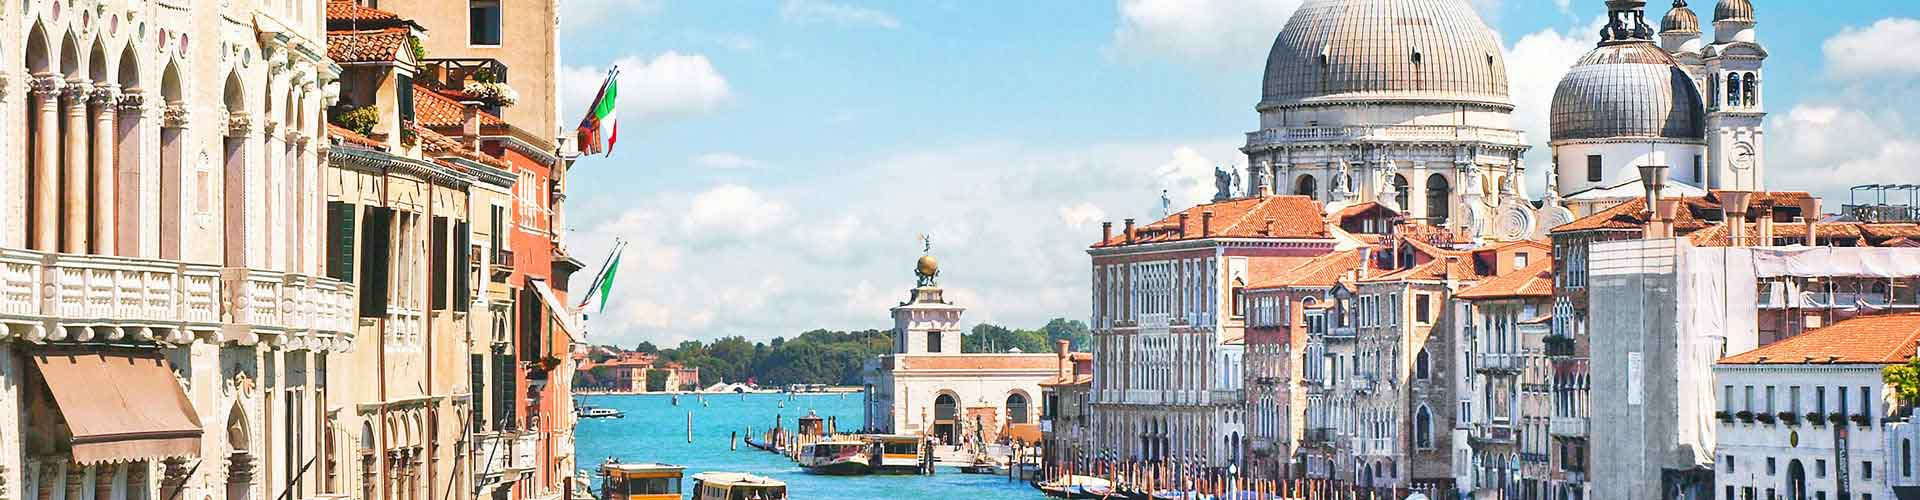 Venise - Camping dans le quartier de Quartier 8. Cartes pour Venise, photos et commentaires pour chaque camping à Venise.